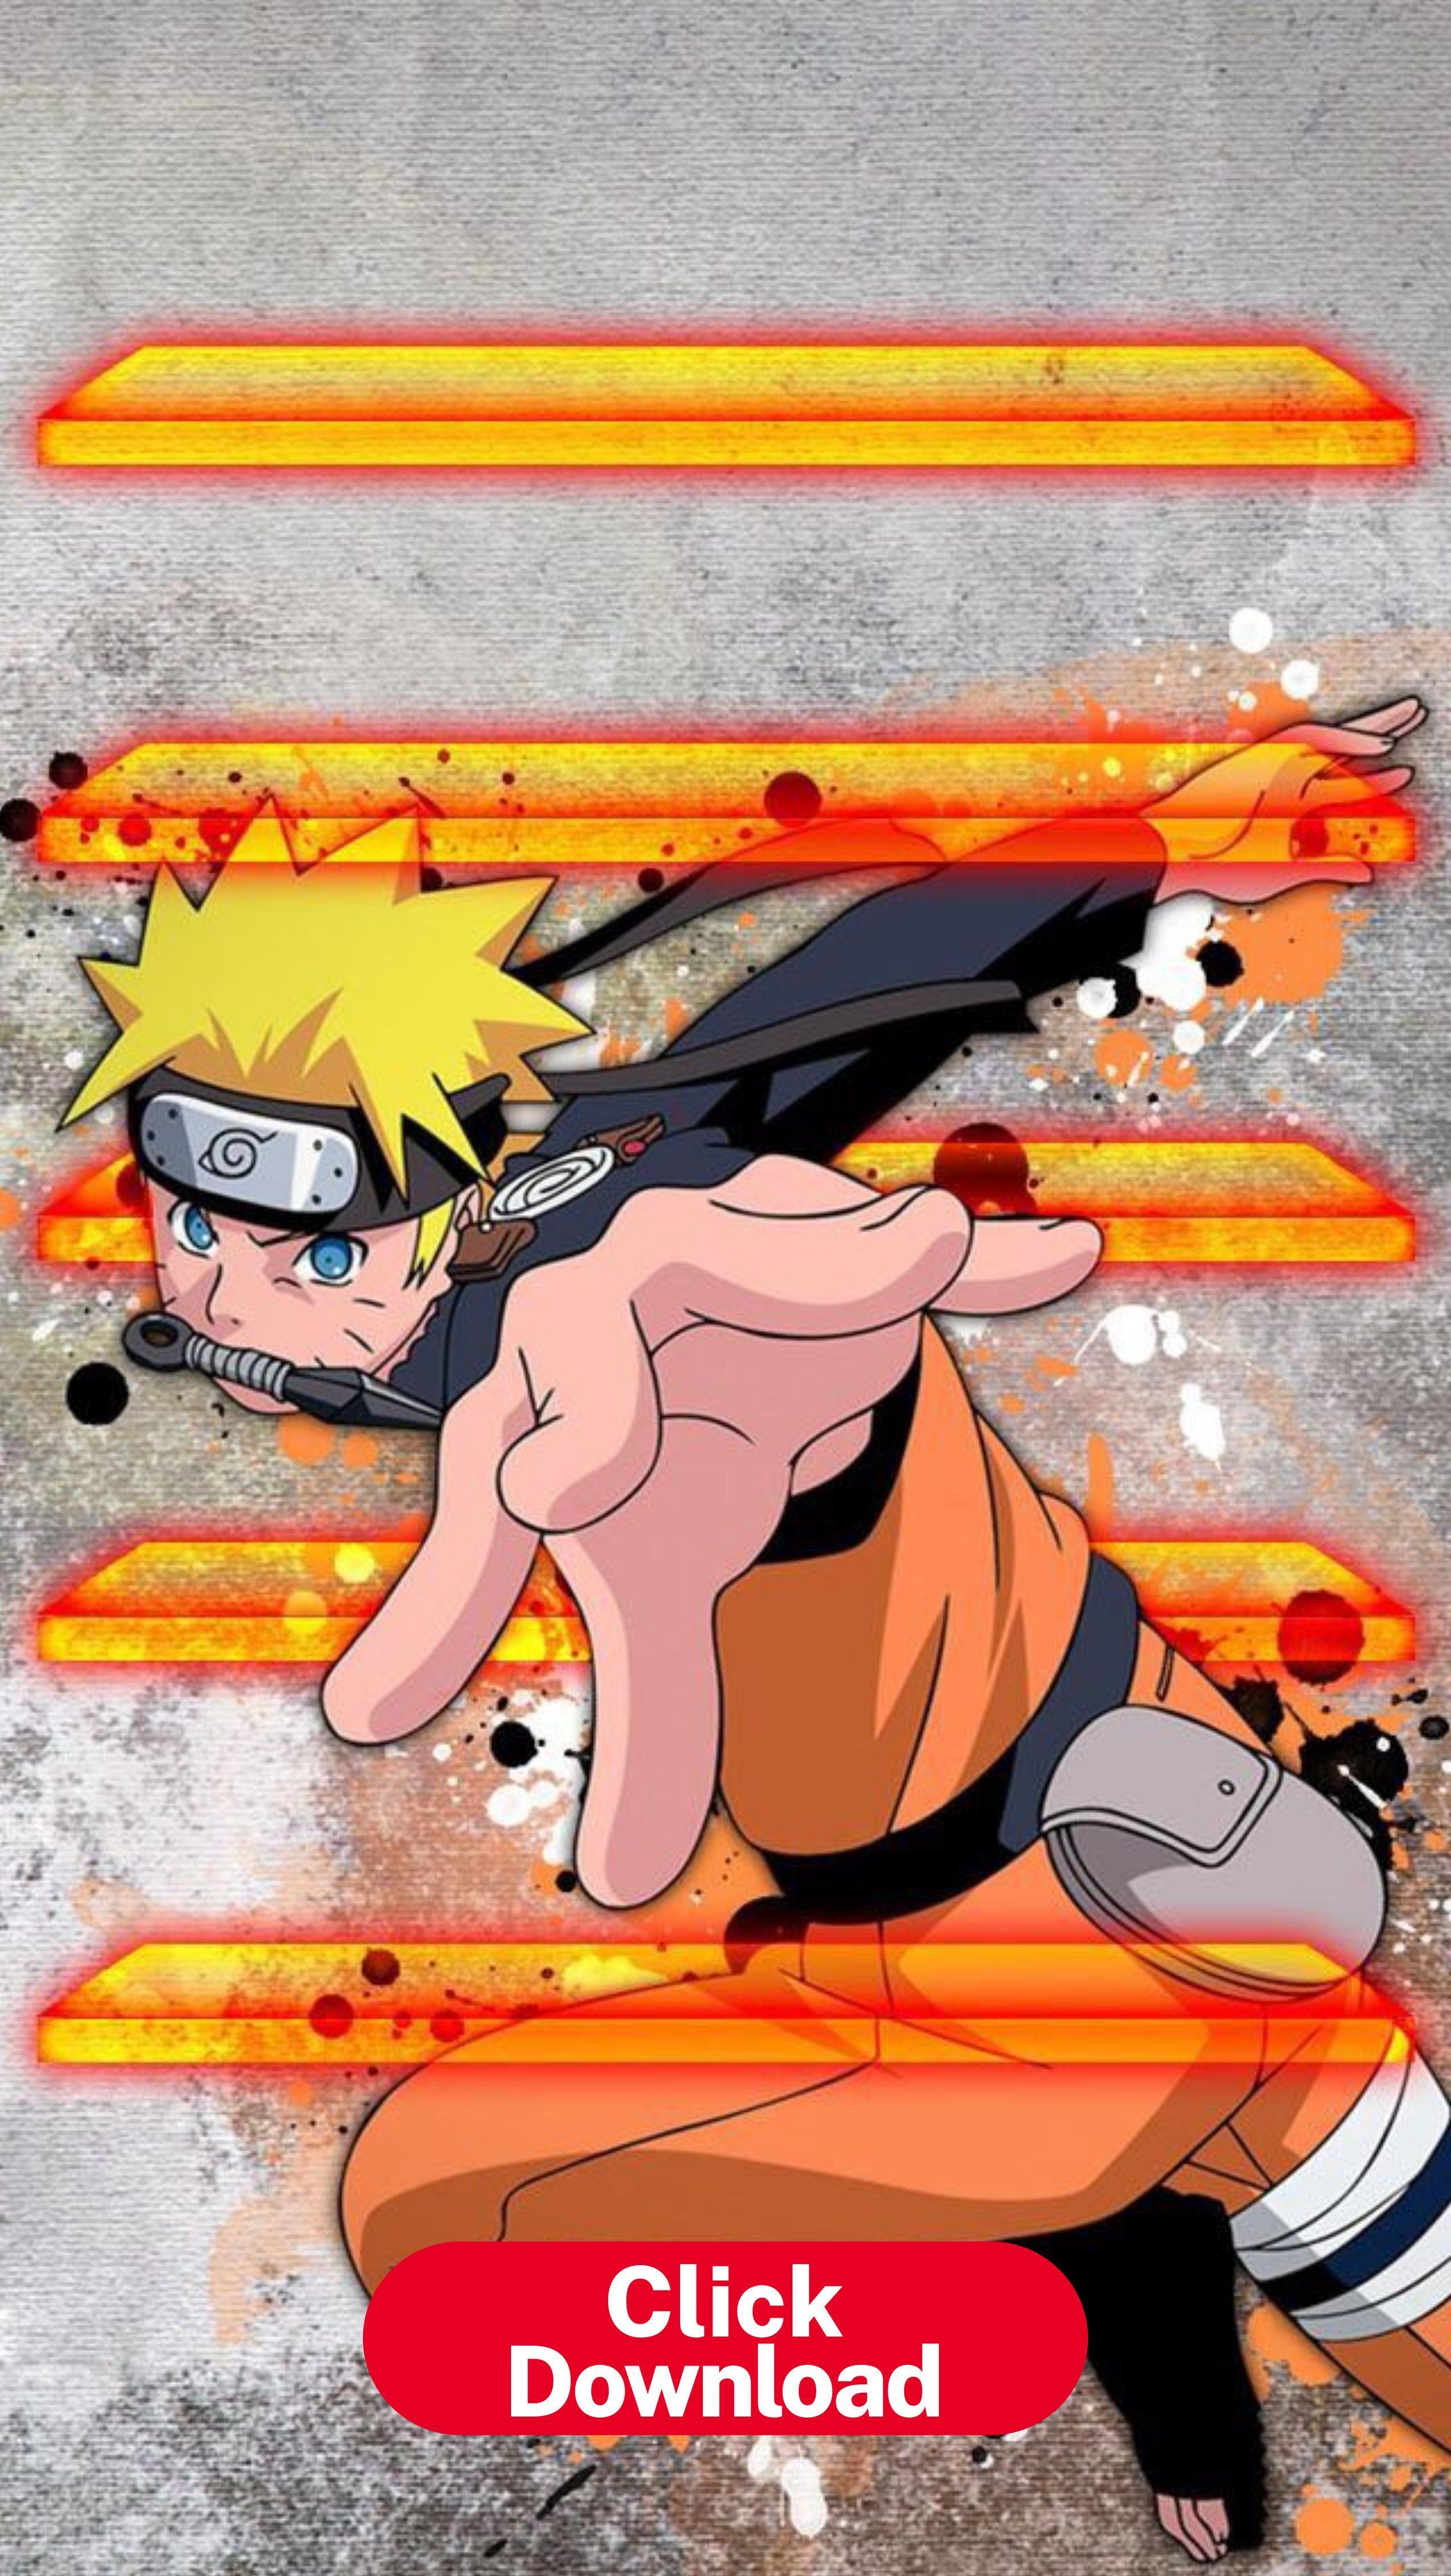 Home Screen Anime Wallpaper Iphone Naruto Phone Wallpaper Best Anime Wallpaper Iphone Naruto Phone Wallpaper Naruto And Sasuke Wallpaper